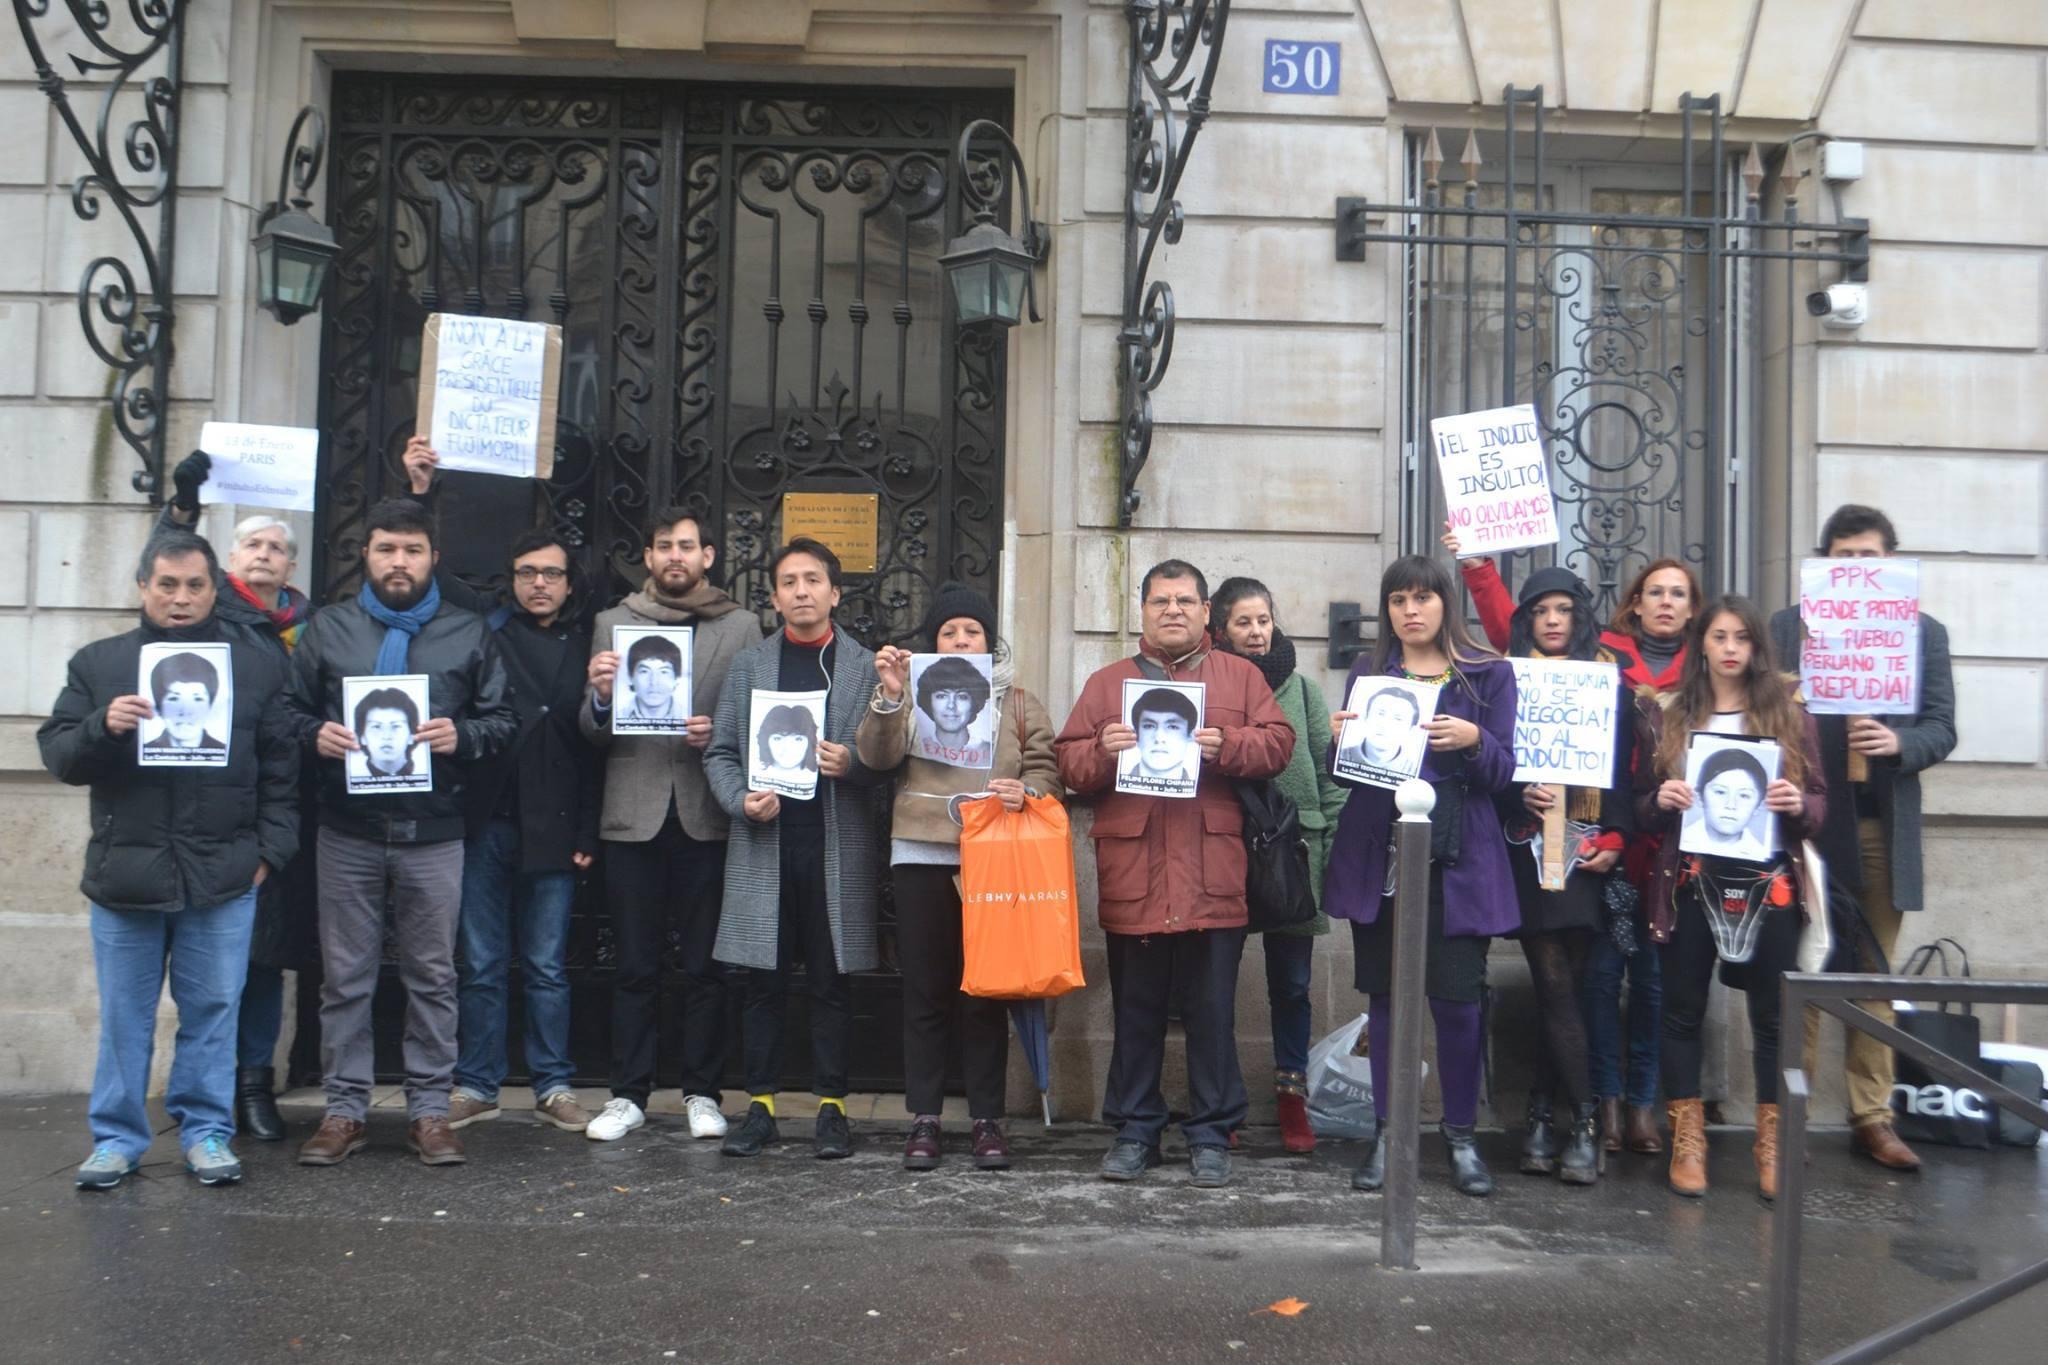 Comunicado desde Paris a la Comunidad Internacional a propósito de la grave amenaza que sufre la democracia en Perú